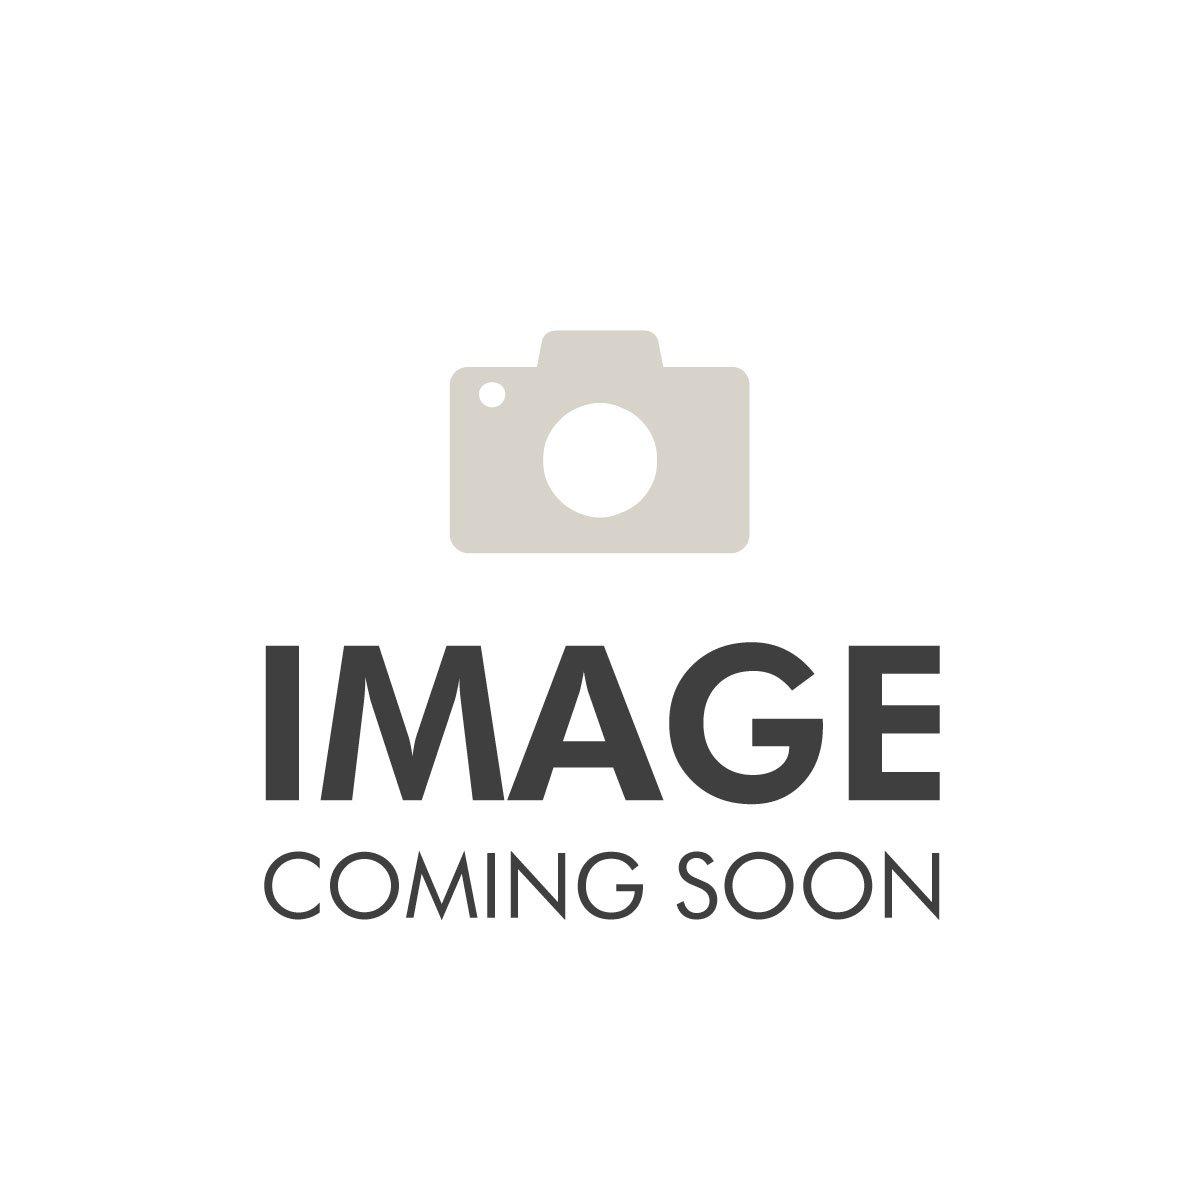 Narciso Rodriguez Eau De Perfume Spray 30ml Set 2 Pieces 2017